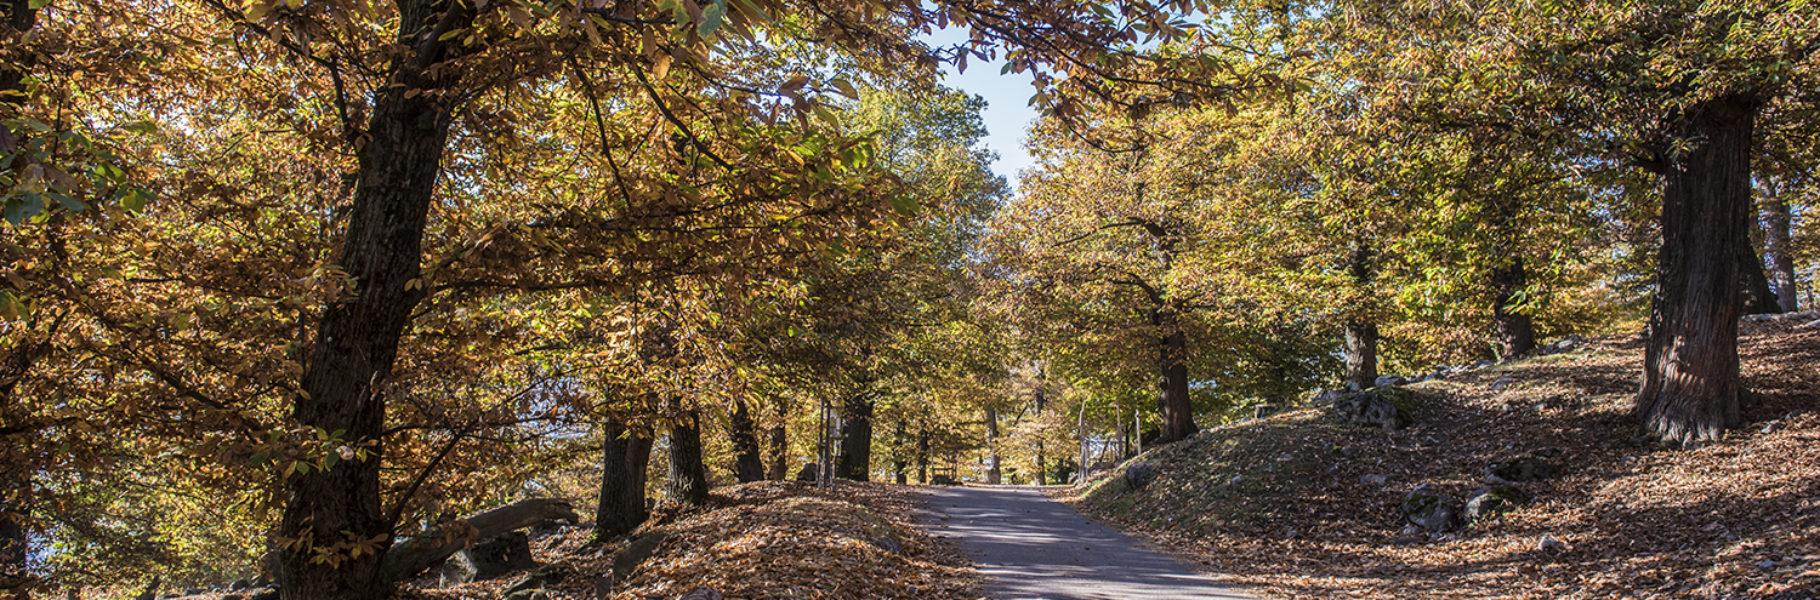 Sur le sentier à l'automne 2016.